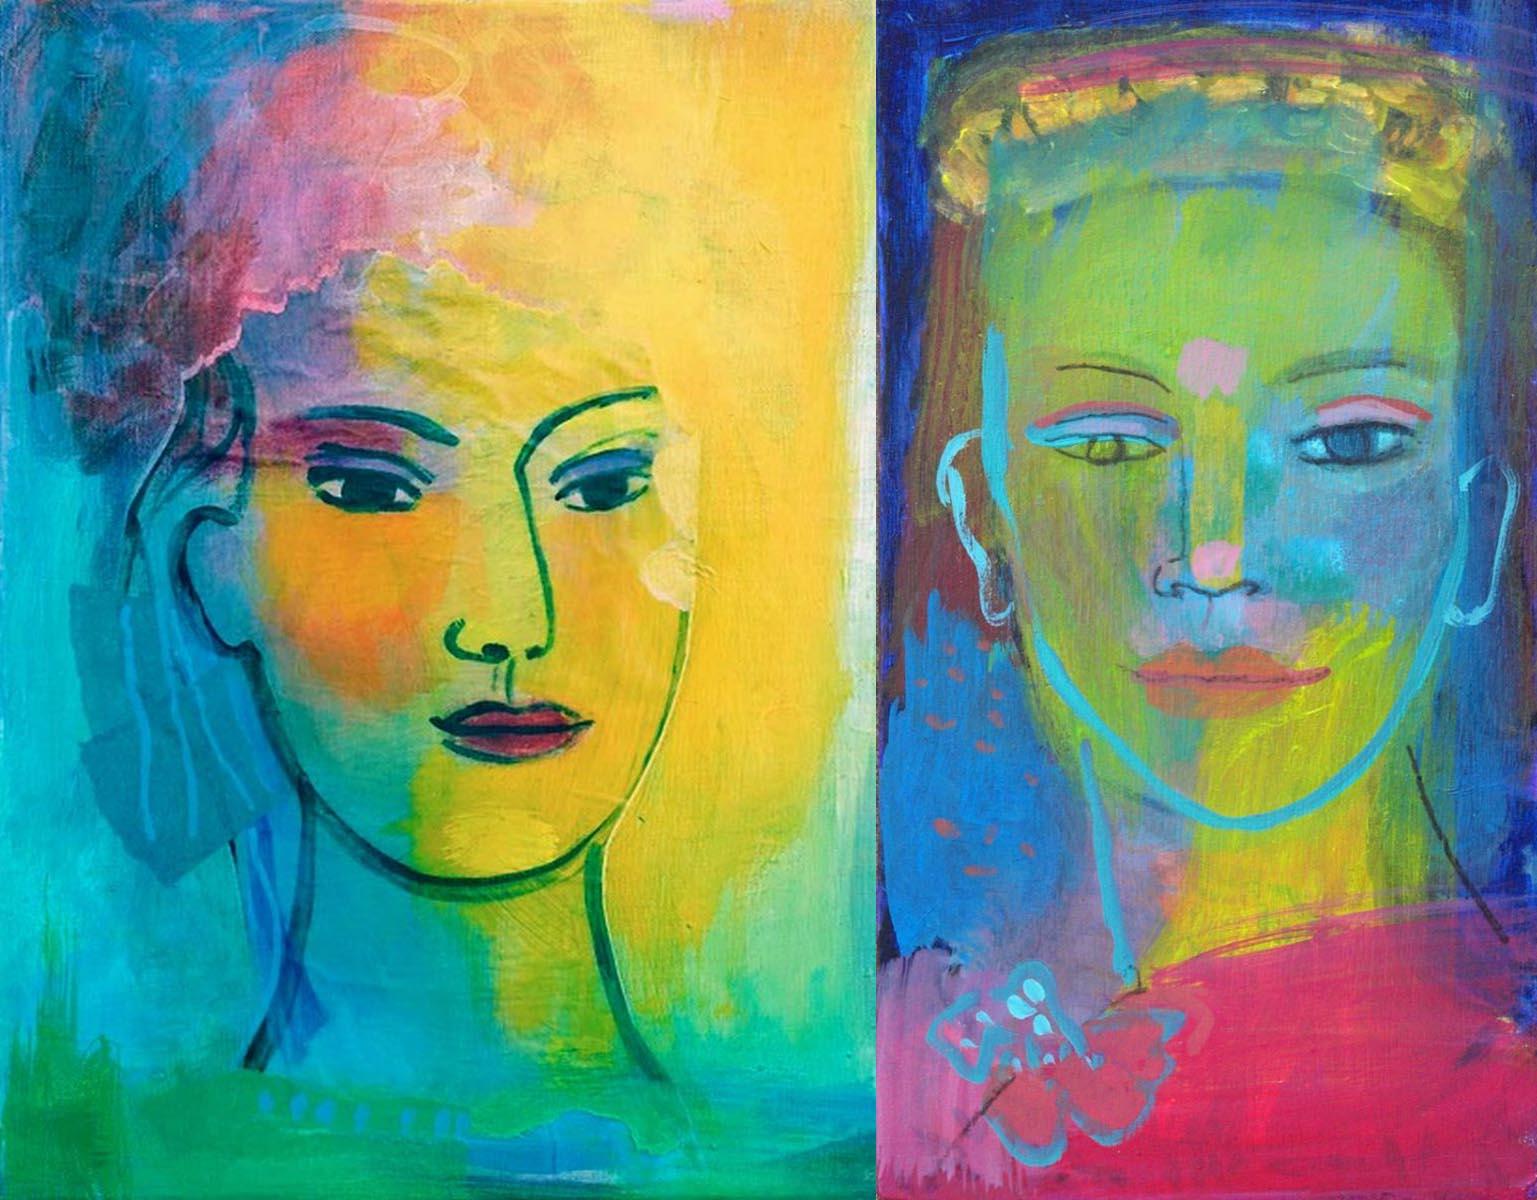 Riitta Soini - Faces